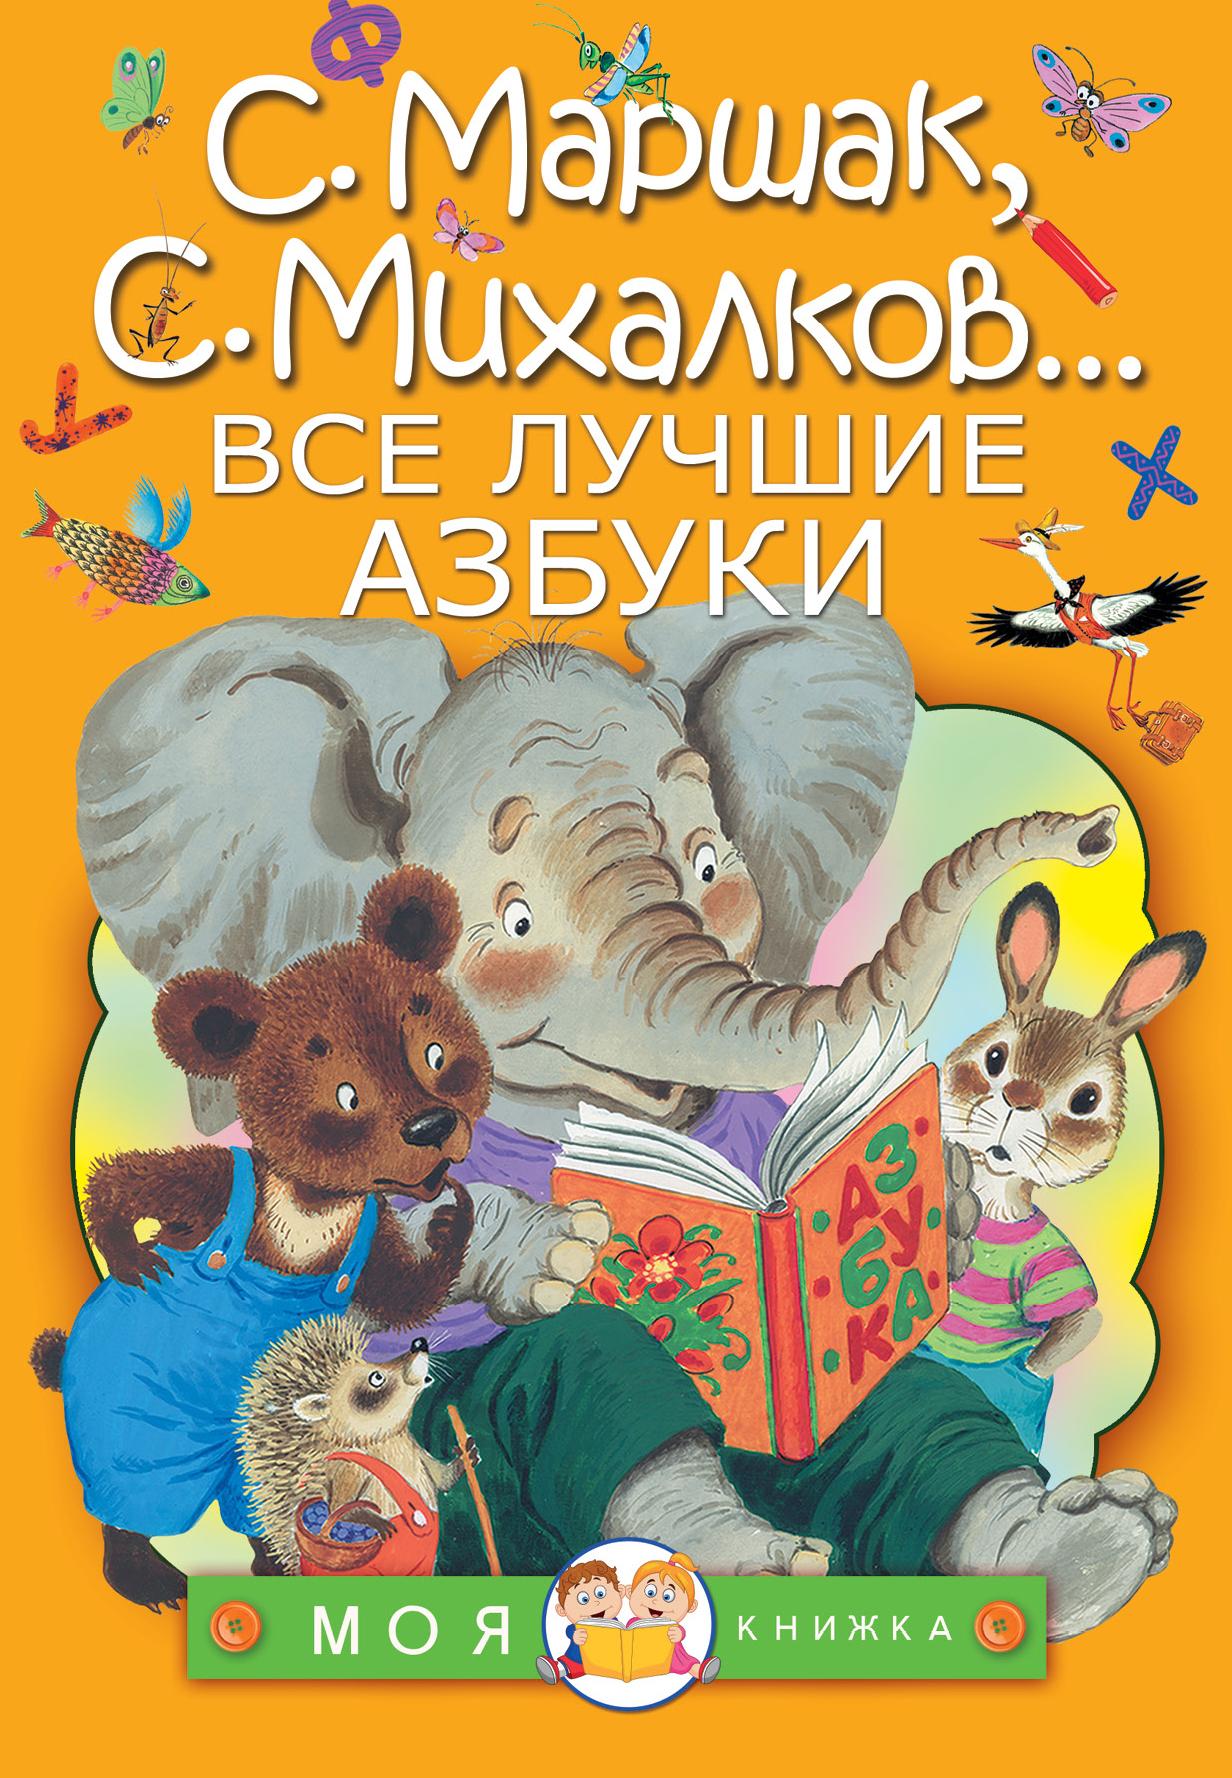 С. Маршак, С. Михалков Все лучшие азбуки весёлые буквы